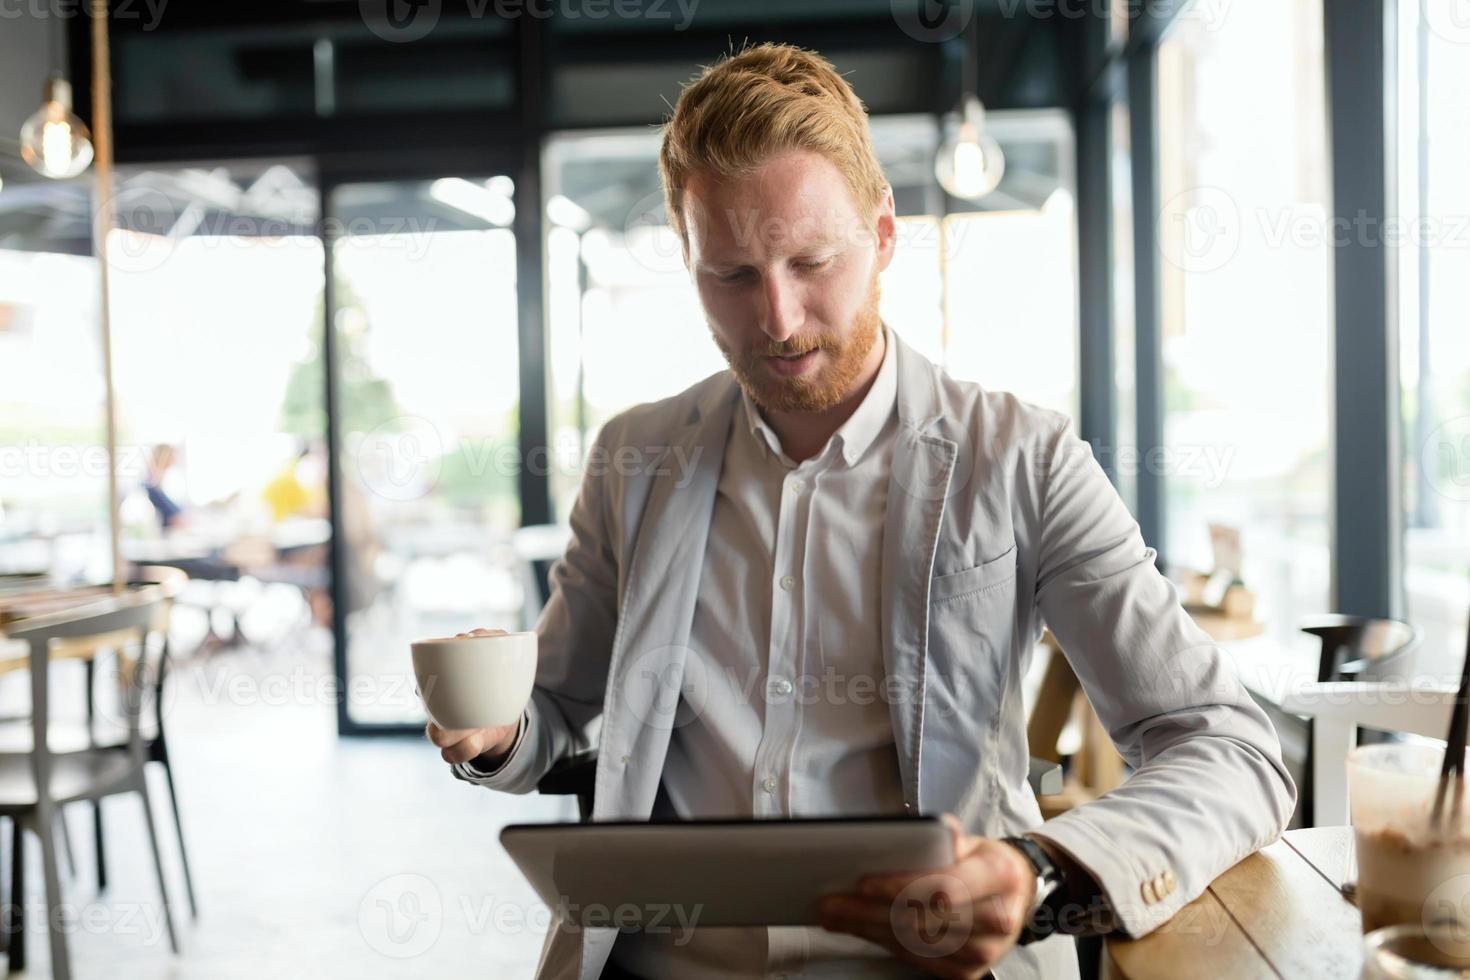 empresario ocupado disfrutando de un café mientras está en línea foto